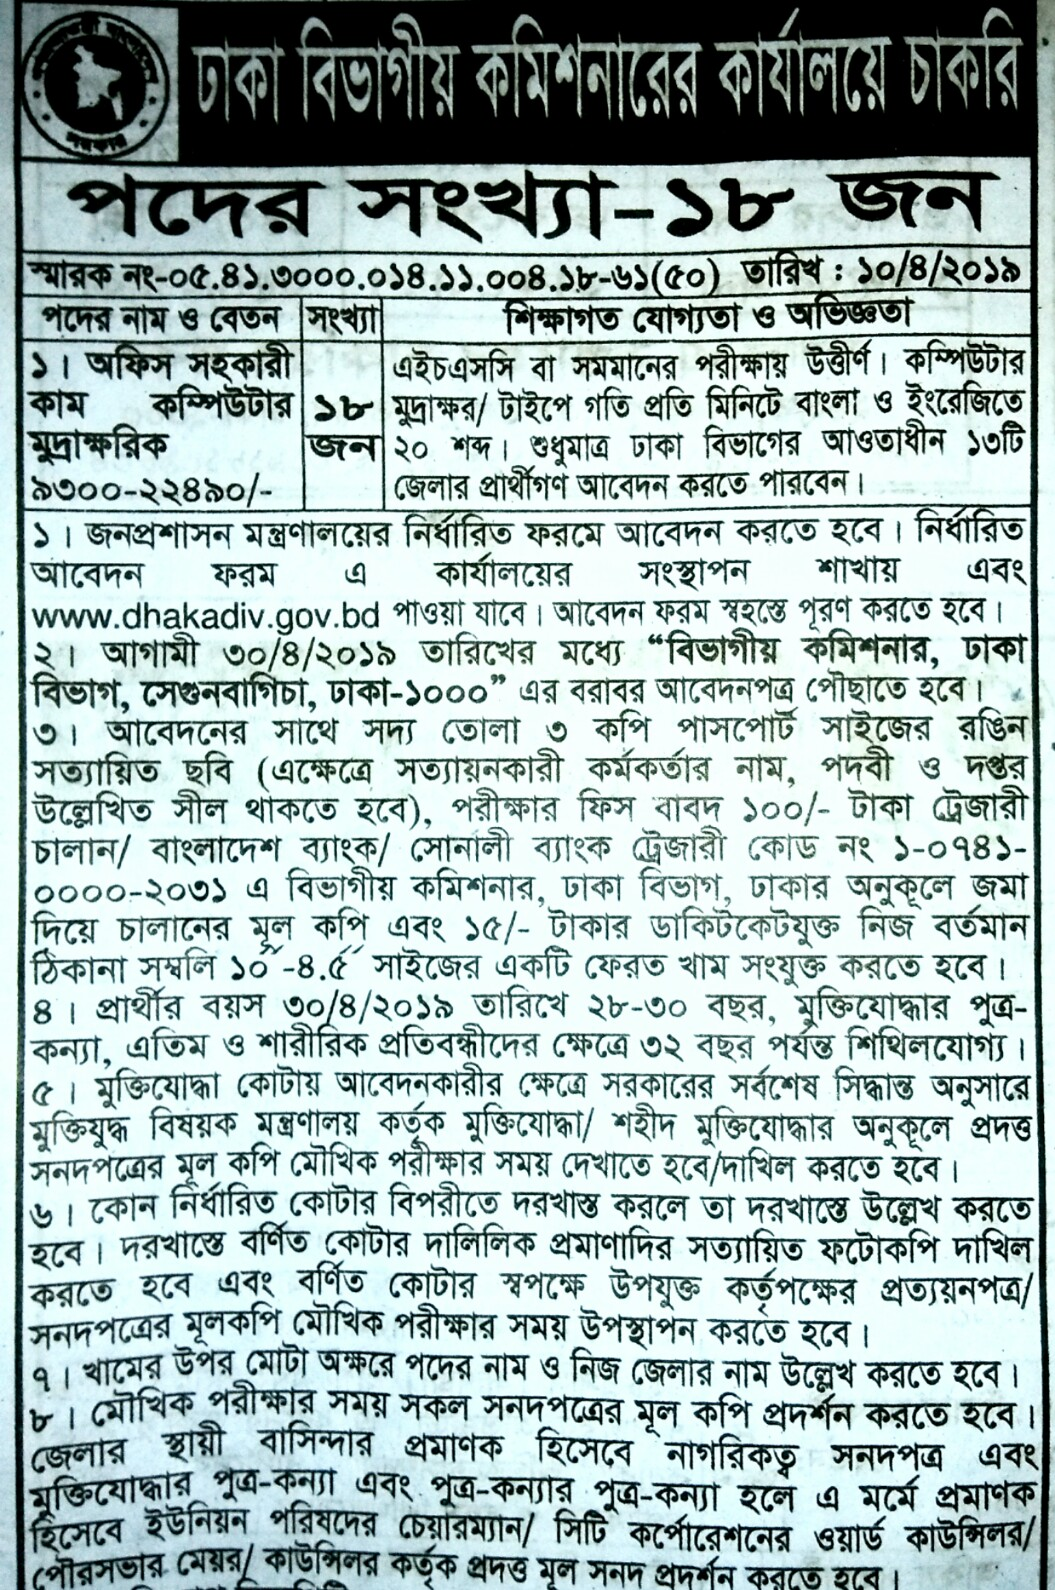 Dhaka Divisional Commissioner's office job circular 2019. ঢাকা বিভাগীয় কমিশনারের কার্যালয় নিয়োগ বিজ্ঞপ্তি ২০১৯